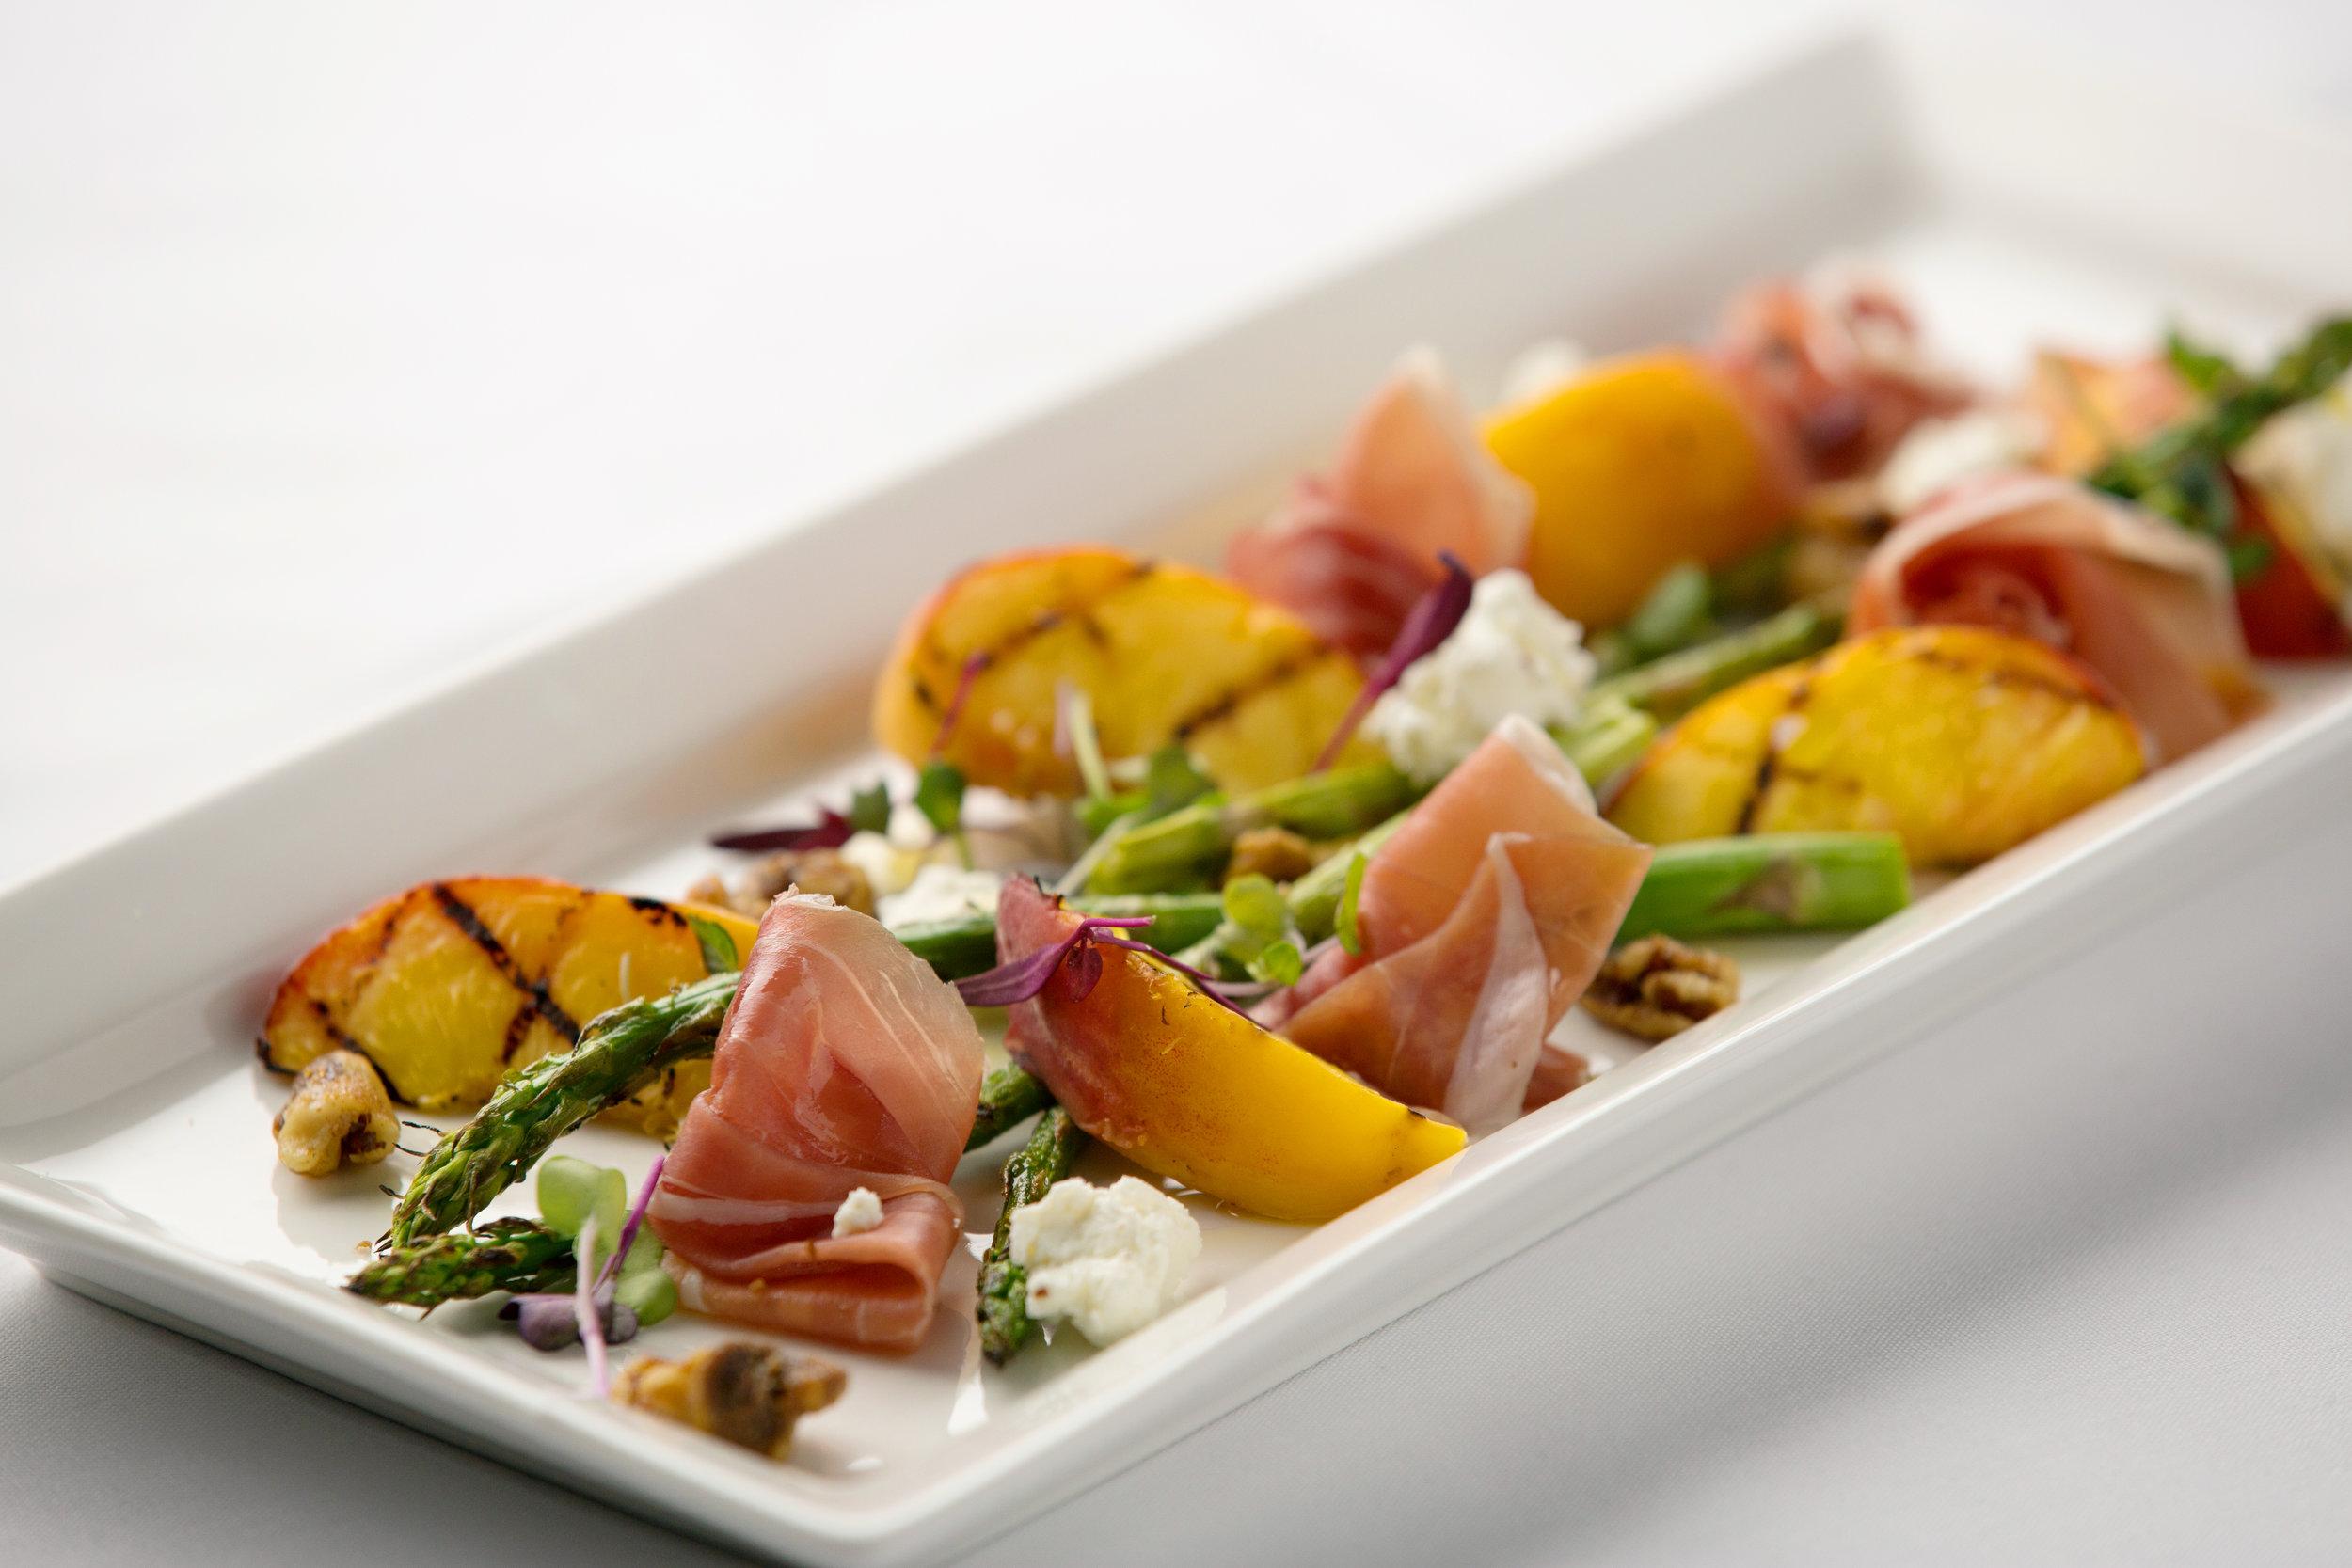 The Palate Food - Asparagus + Peaches copy.jpg